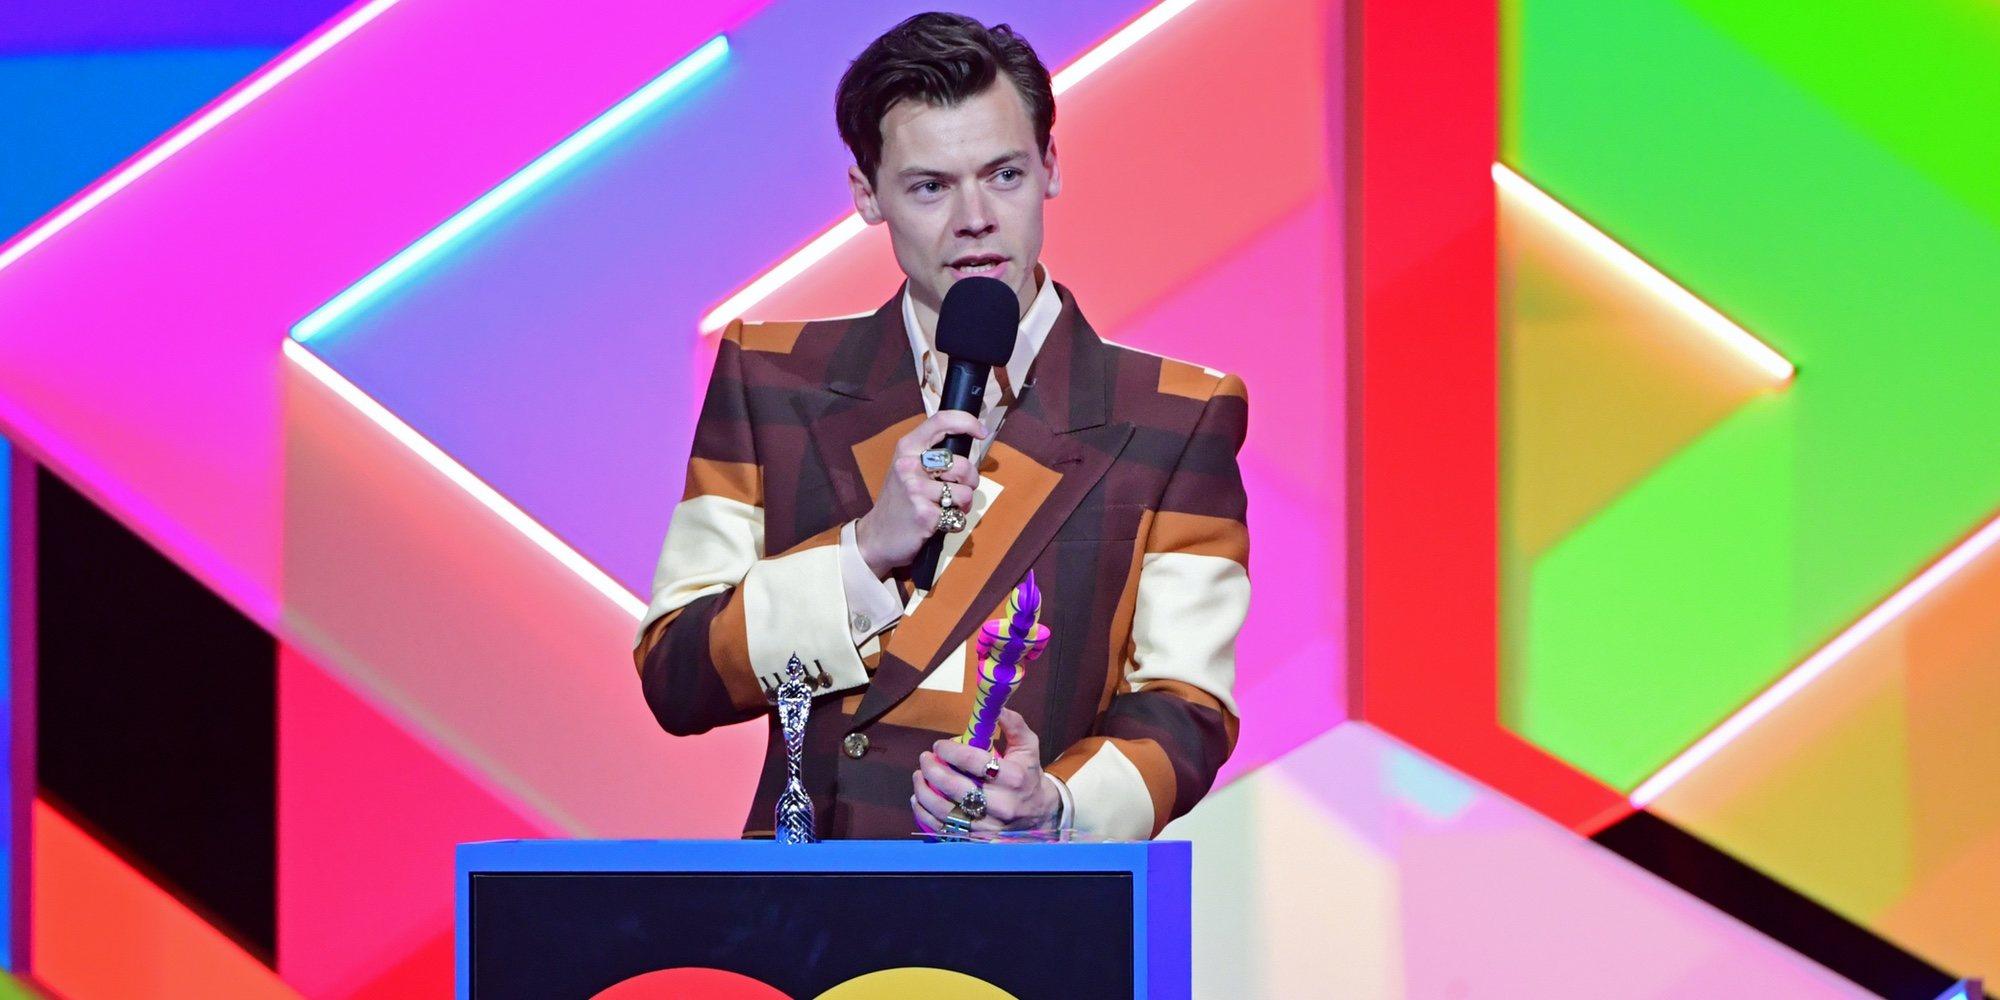 El acento americano de Harry Styles al recoger su premio, la anécdota de los Brit Awards 2021